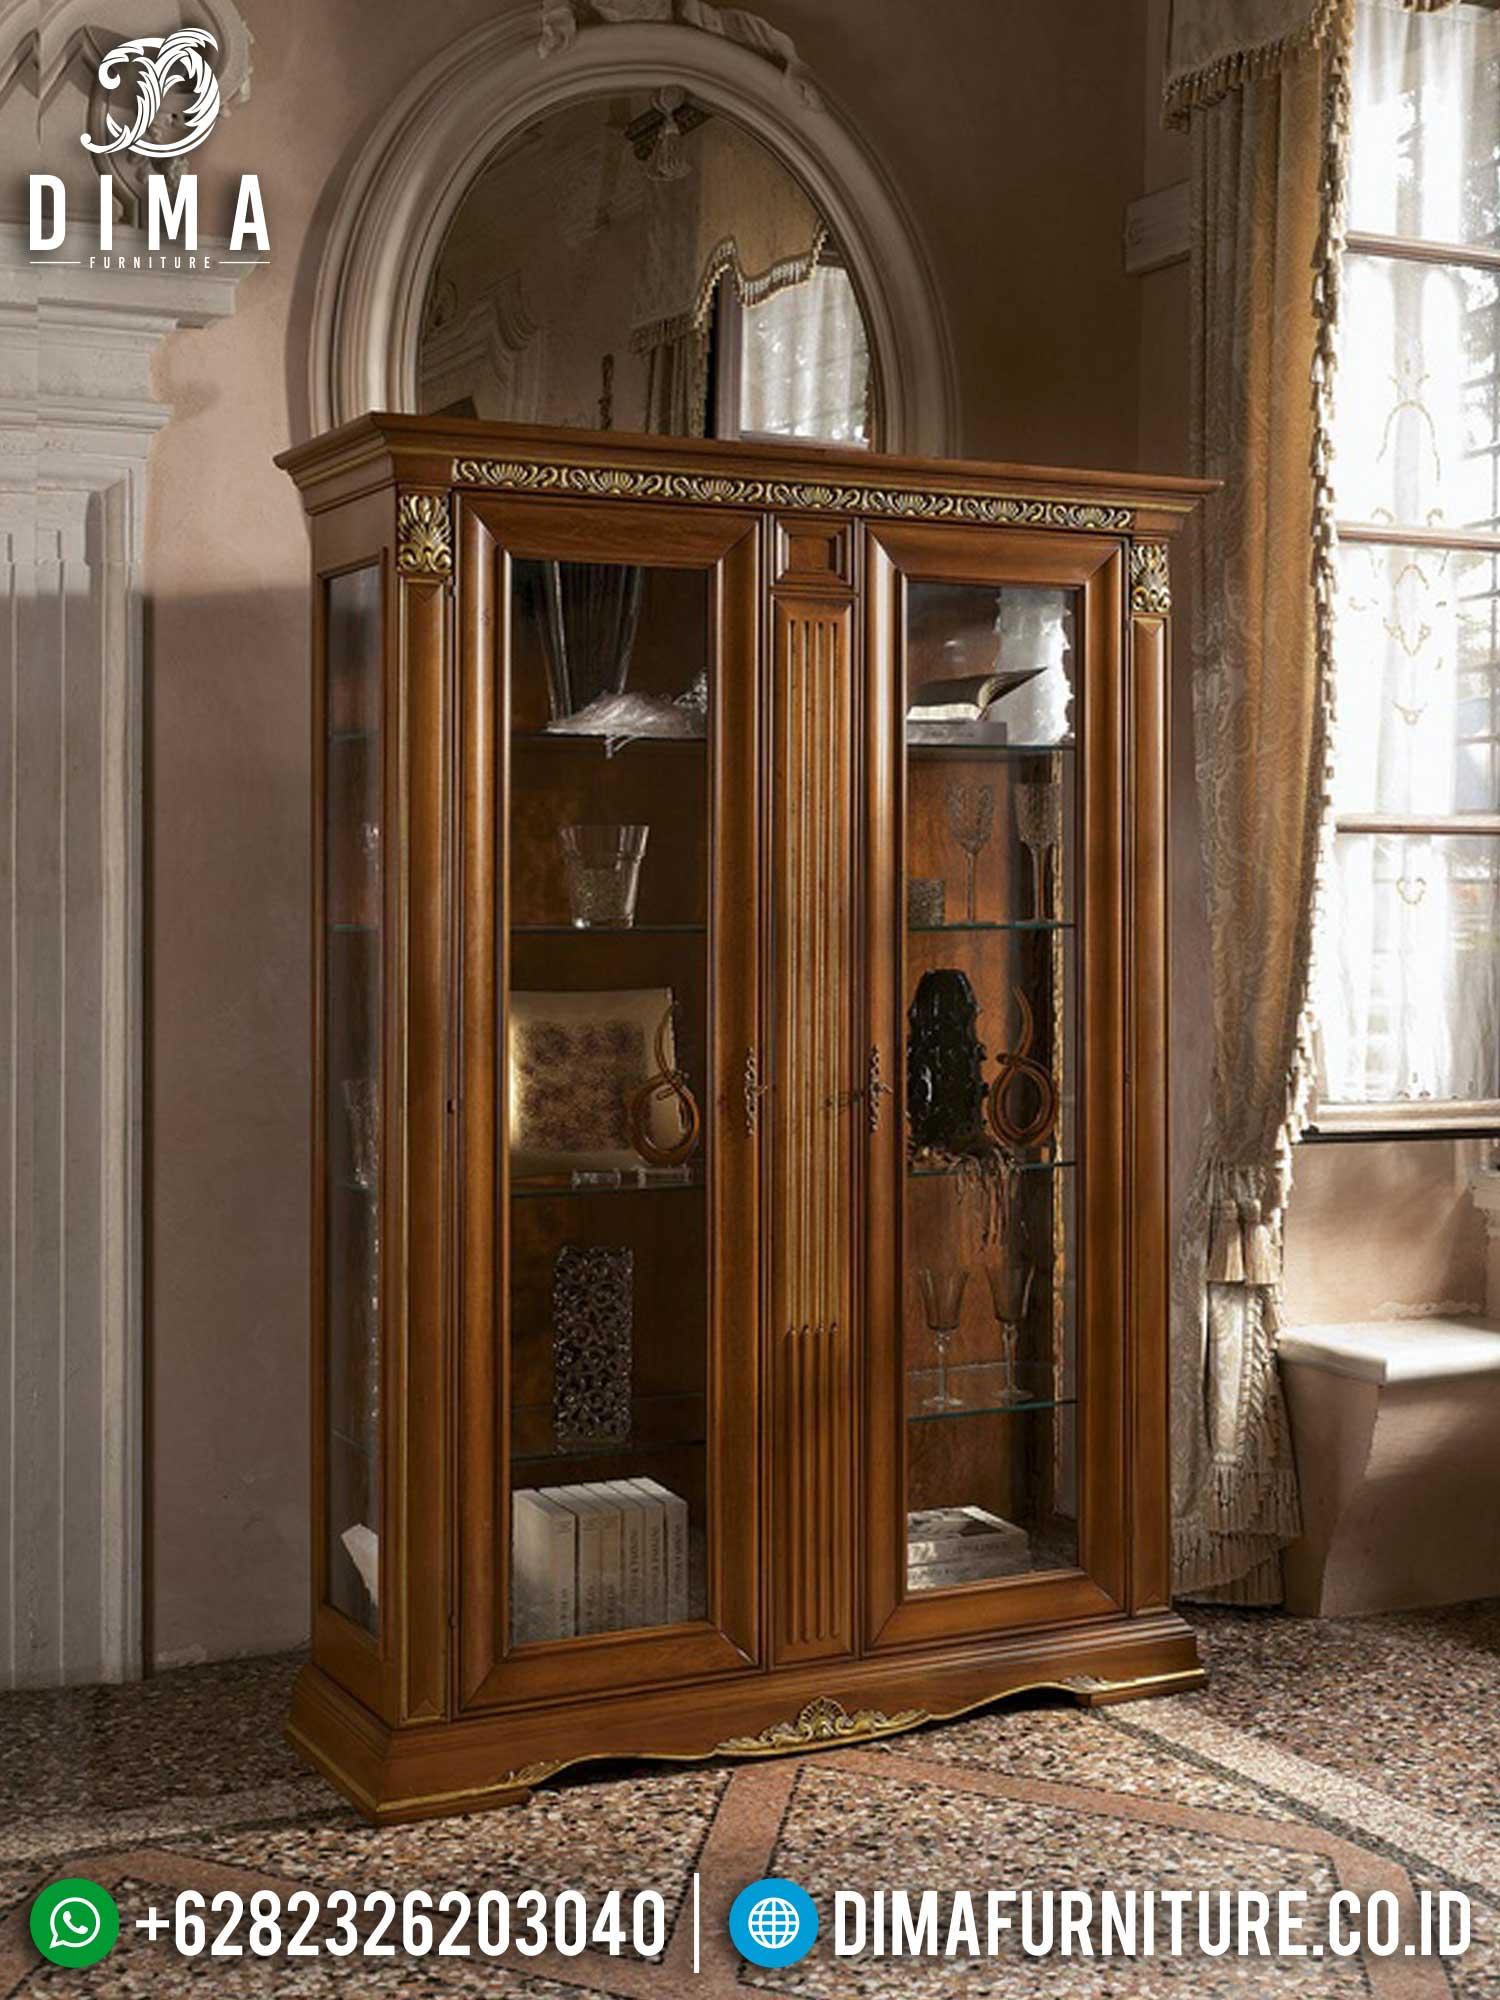 Elegant Carving Lemari Hias Mewah Jepara Best Quality Furniture Terbaru TTJ-1455